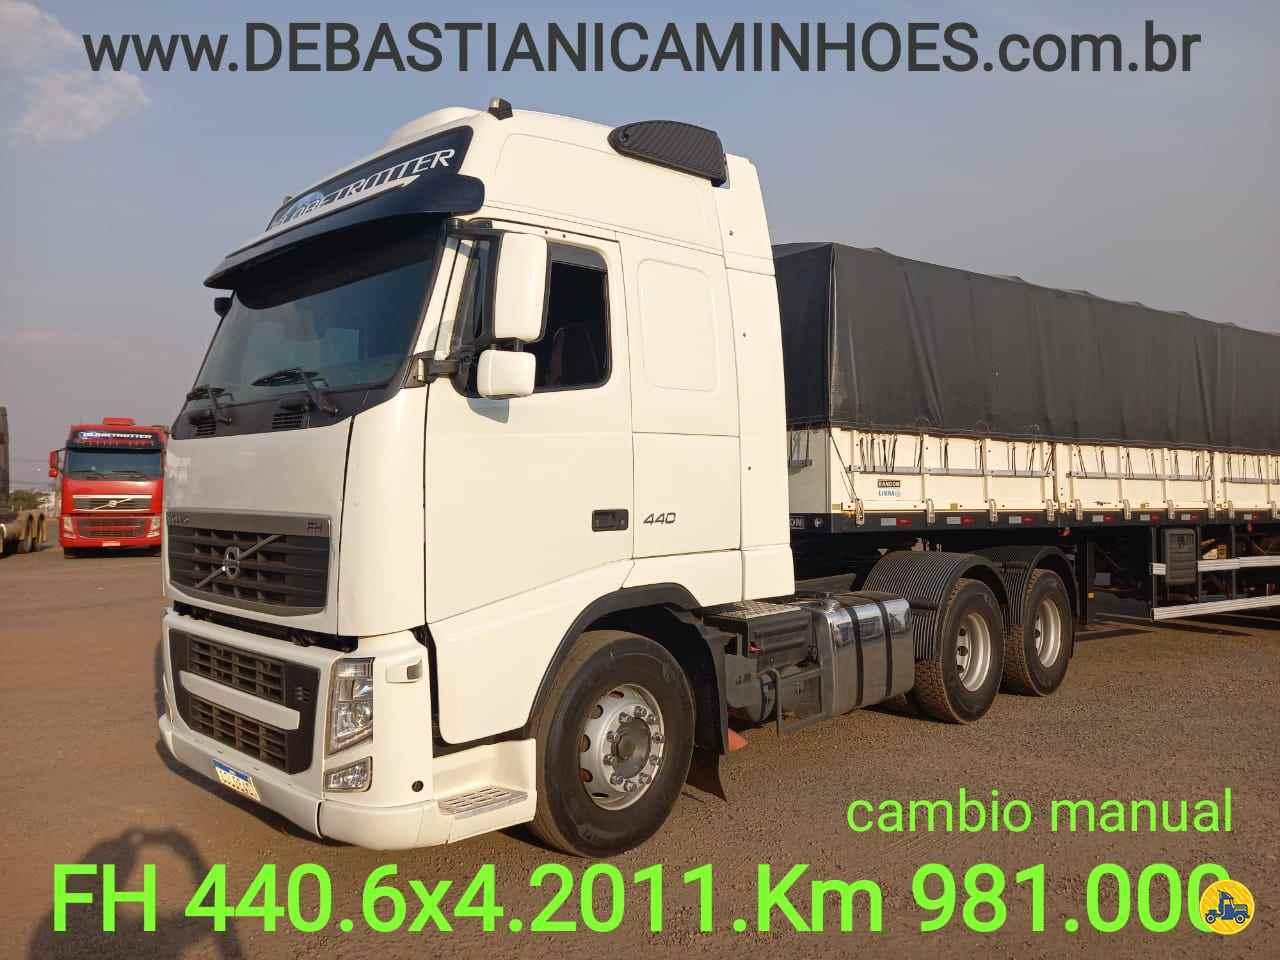 CAMINHAO VOLVO VOLVO FH 440 Cavalo Mecânico Traçado 6x4 Debastiani Caminhões ANAPOLIS GOIAS GO